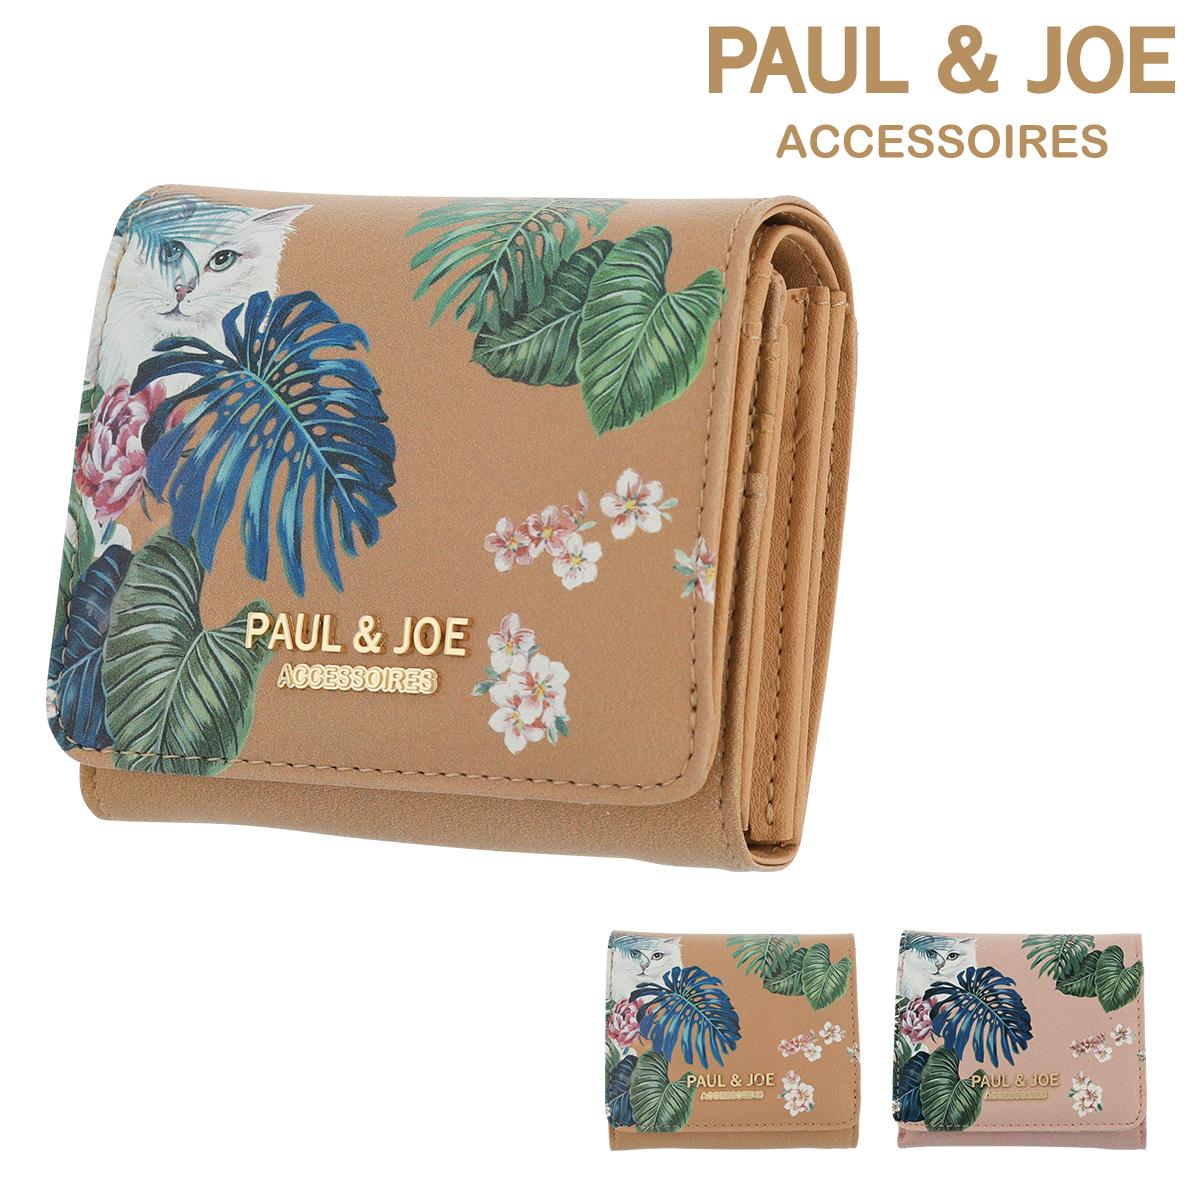 ポールアンドジョー アクセソワ 二つ折り財布 トロピカルキャット レディース PJA-W032 PAUL&JOE ACCESSOIRES | ブランド専用BOX付き [bef][PO10]